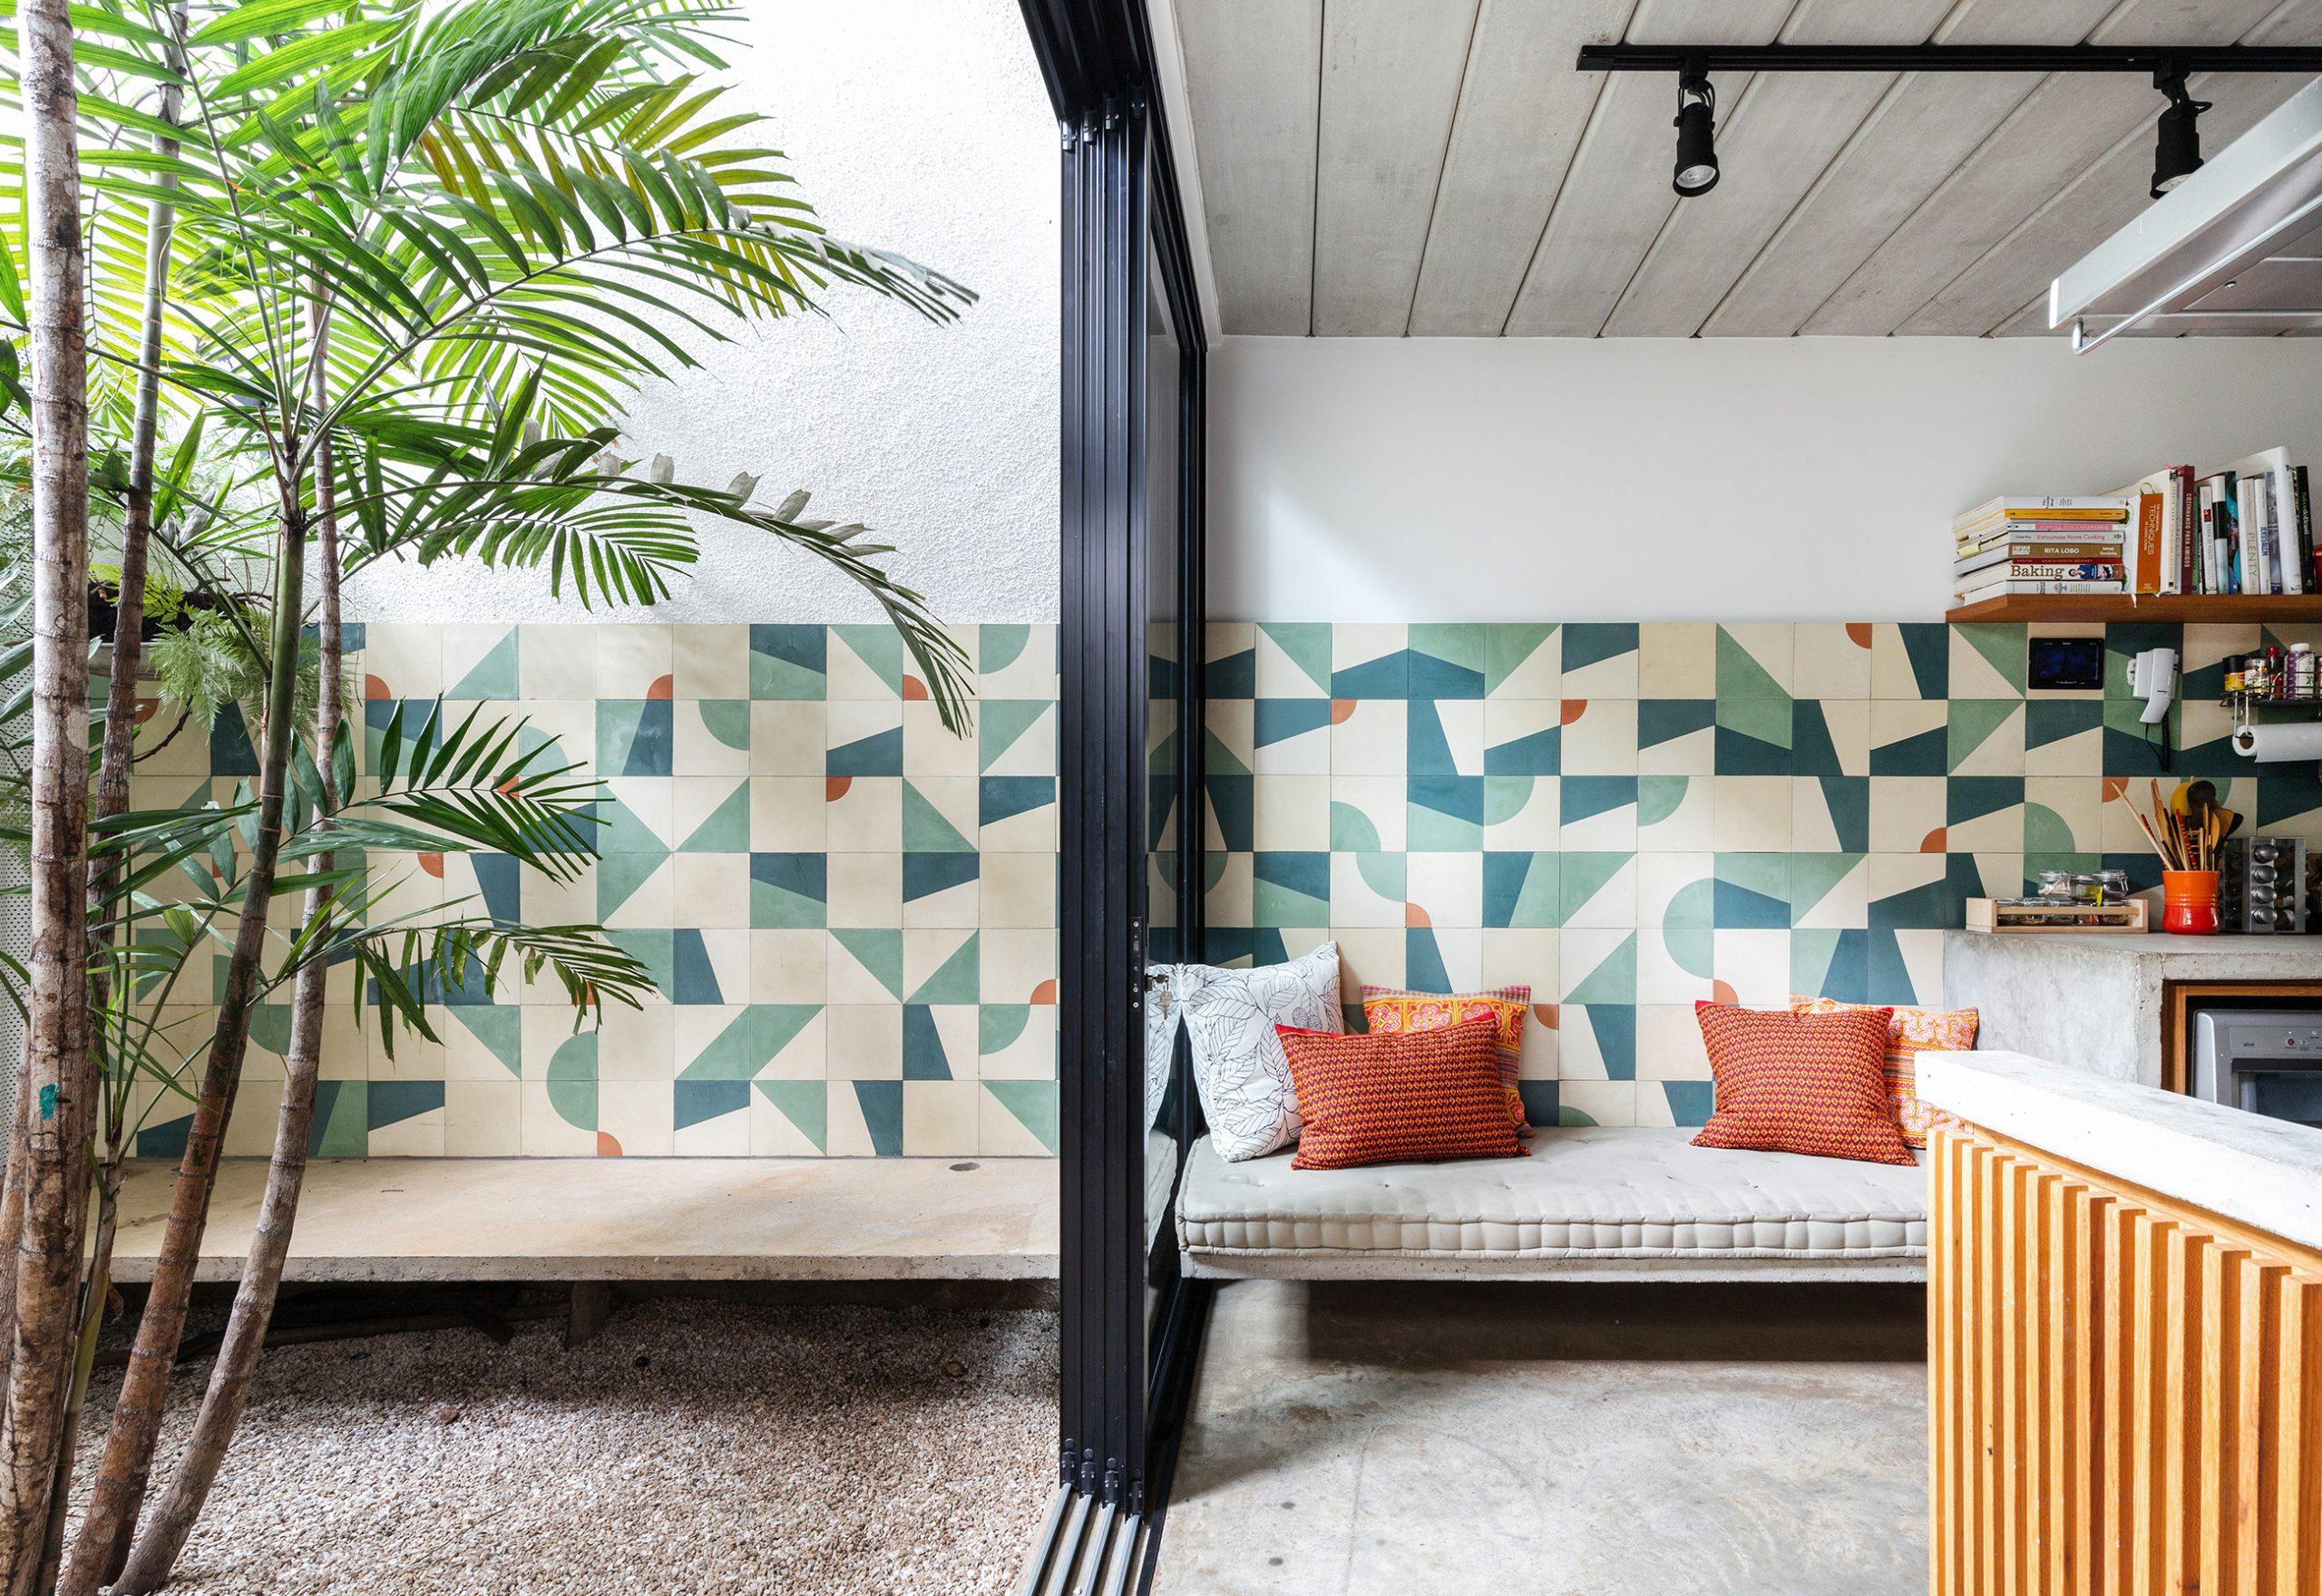 decoração casa jardim cozinha com azulejos coloridos na parede, banco de concreto